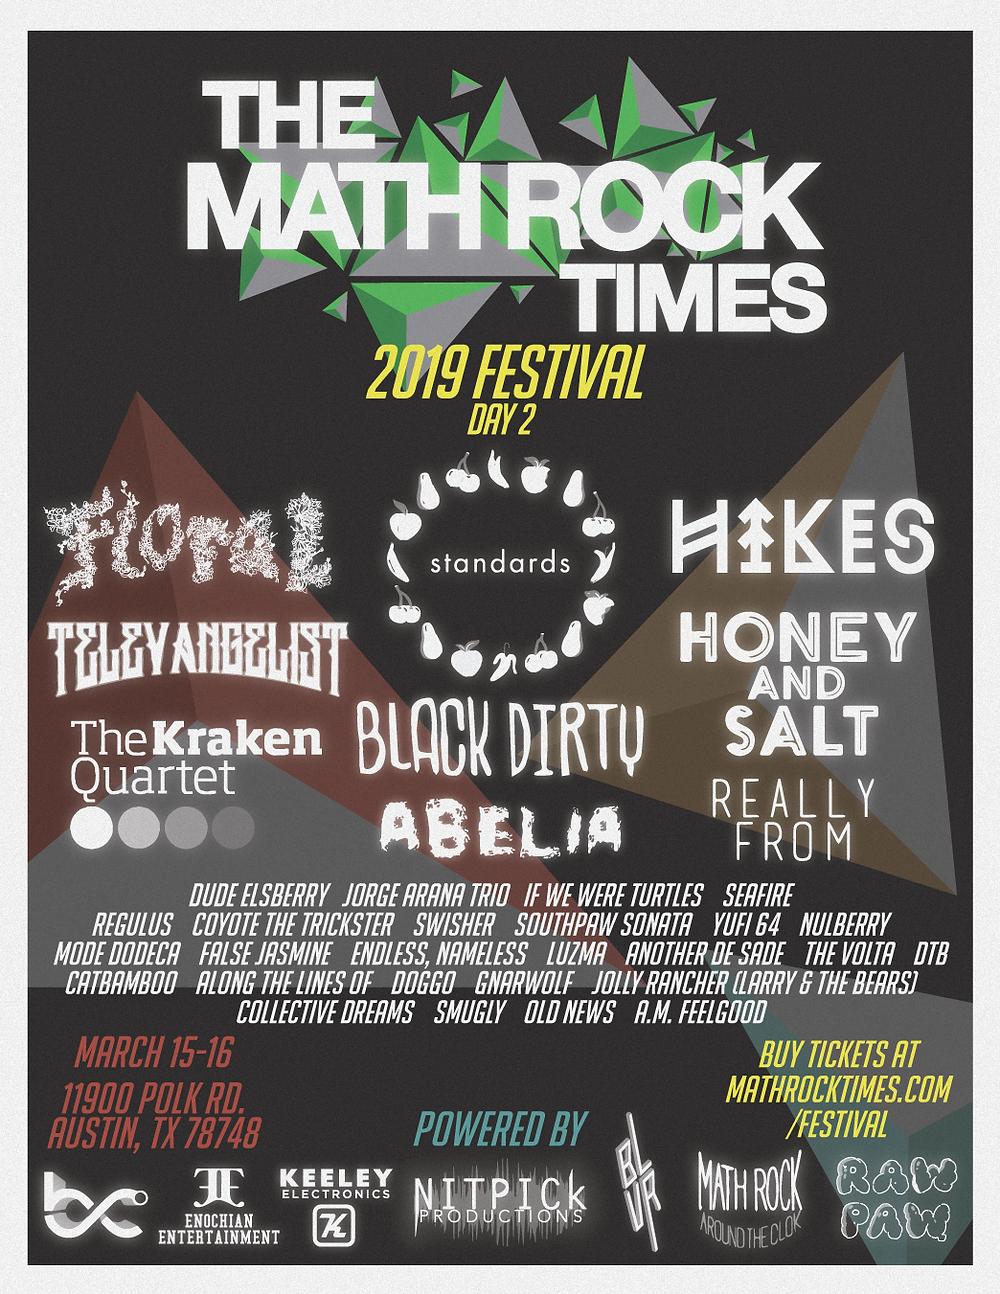 MATHROCKTIMES.COM/FESTIVAL